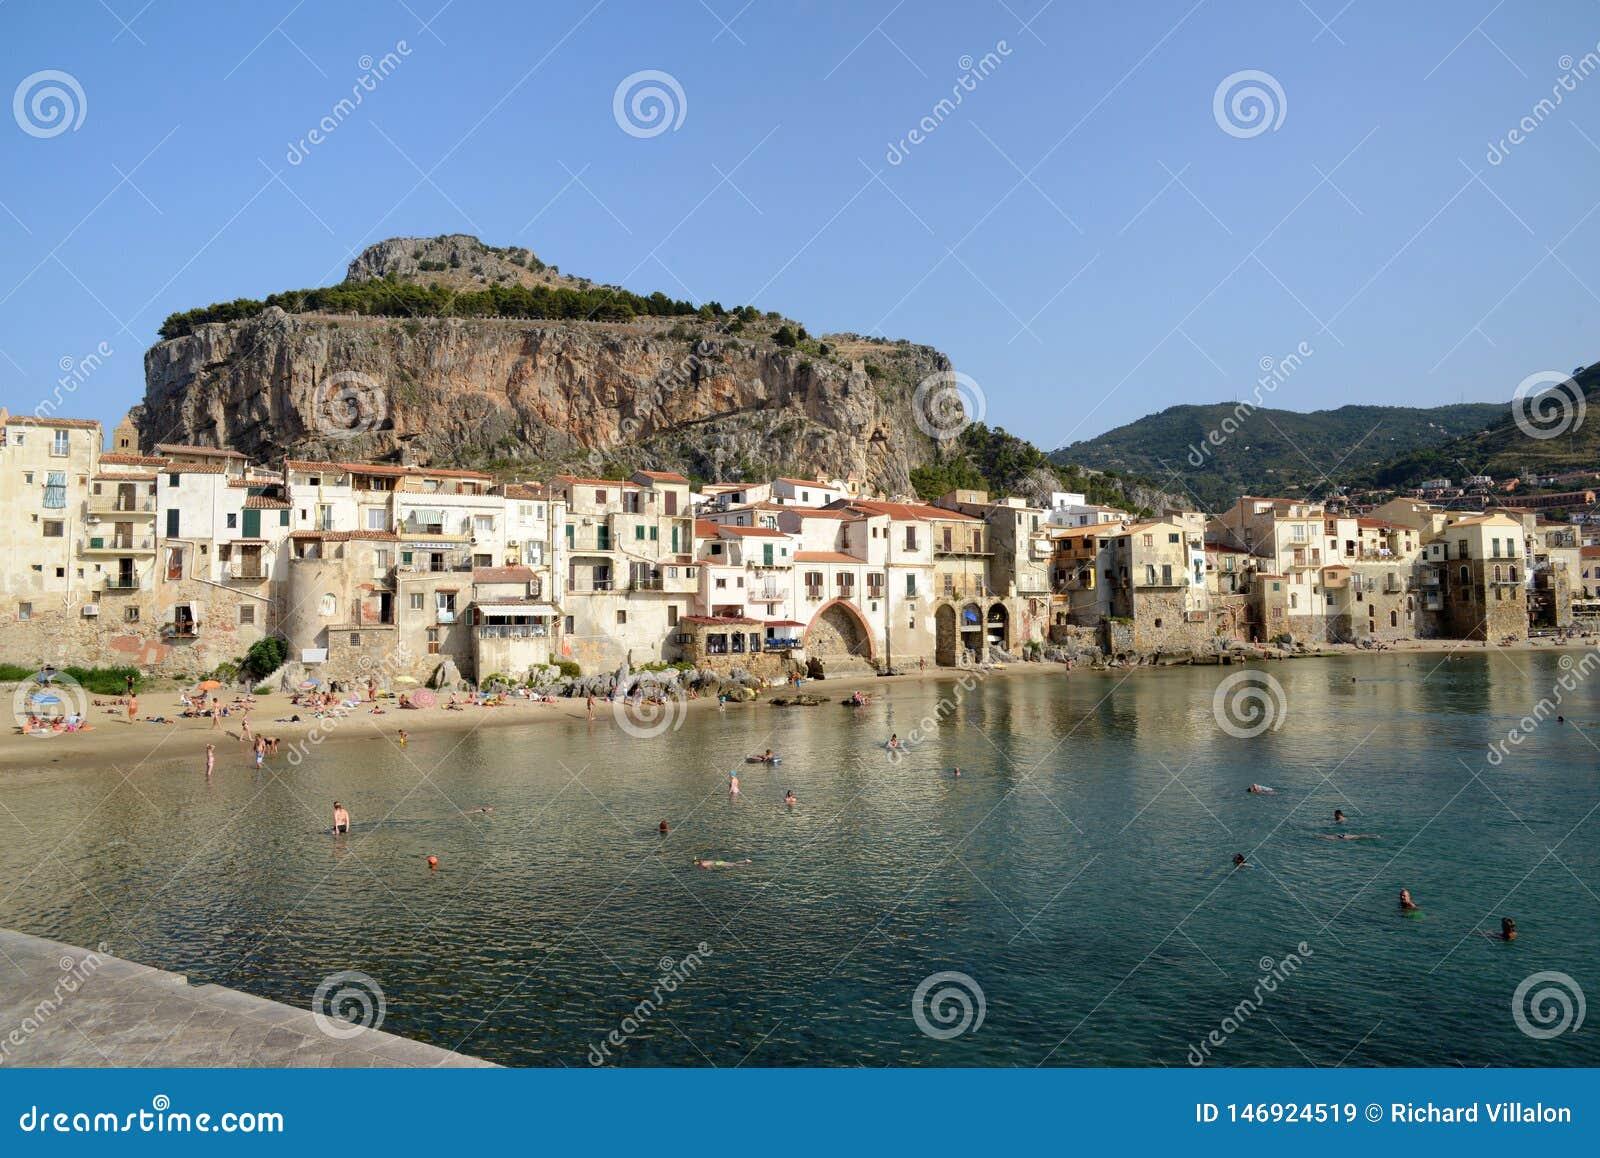 Village de Cefalu en Sicile